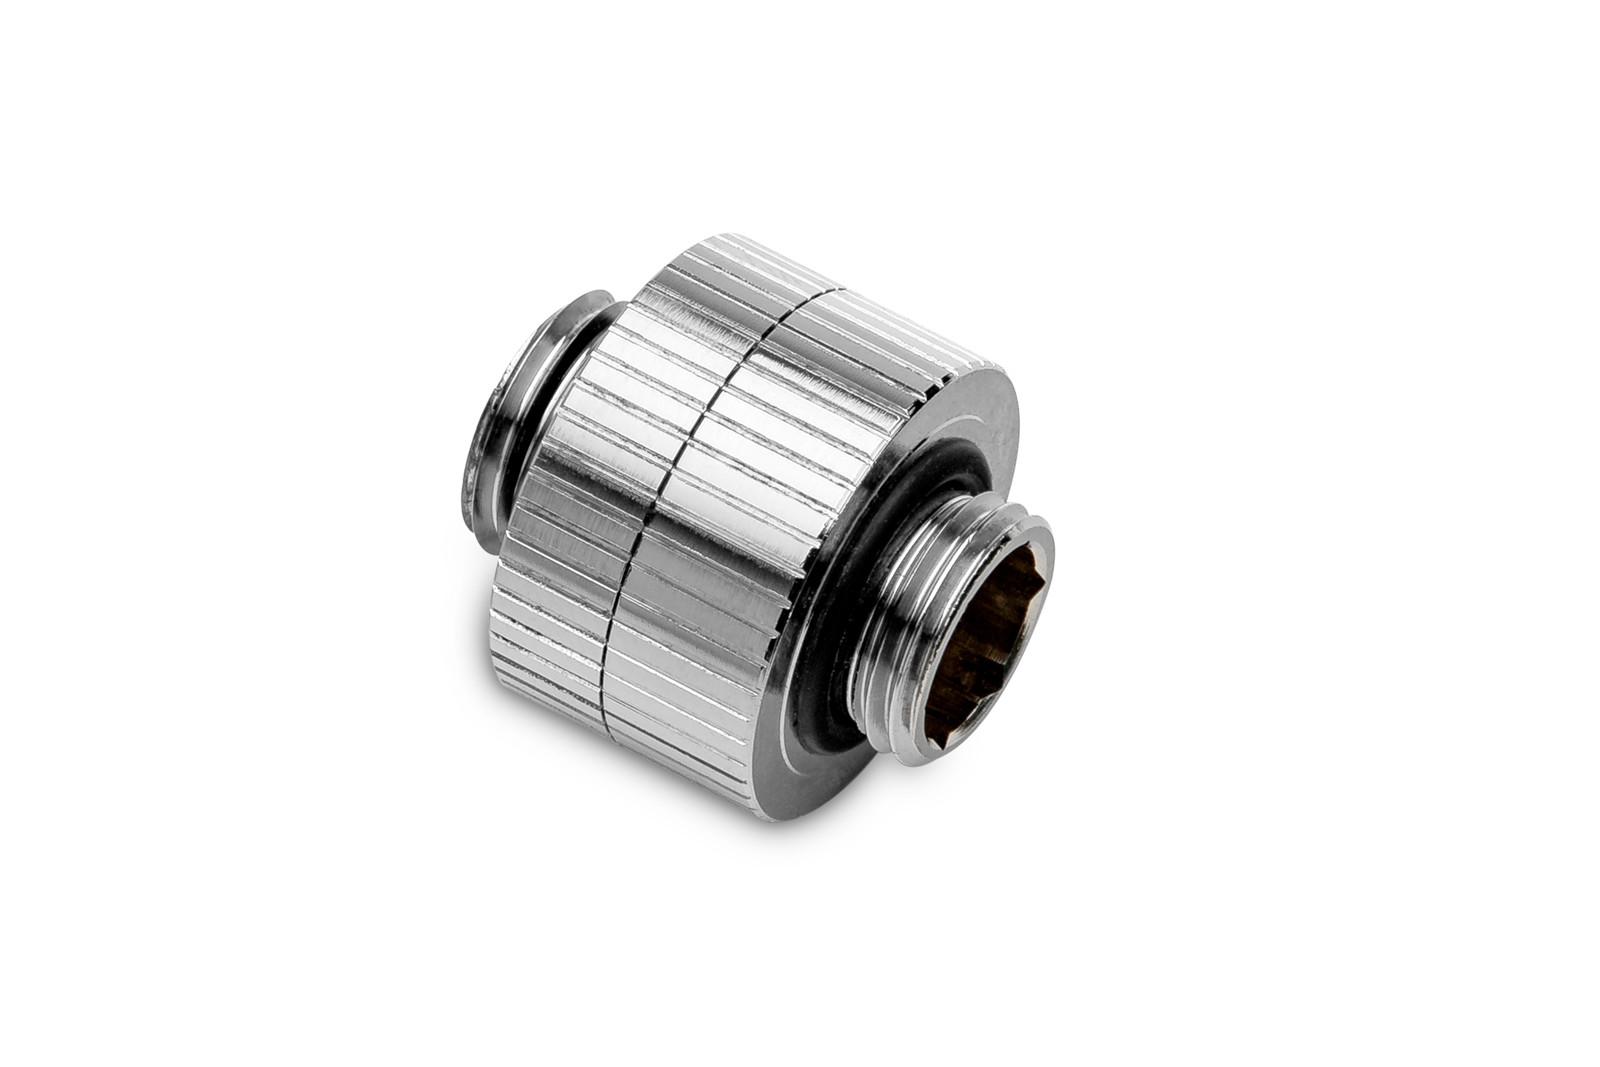 EK WaterBlocks EK-Quantum Torque Extender Rotary MM 14 - Nickel